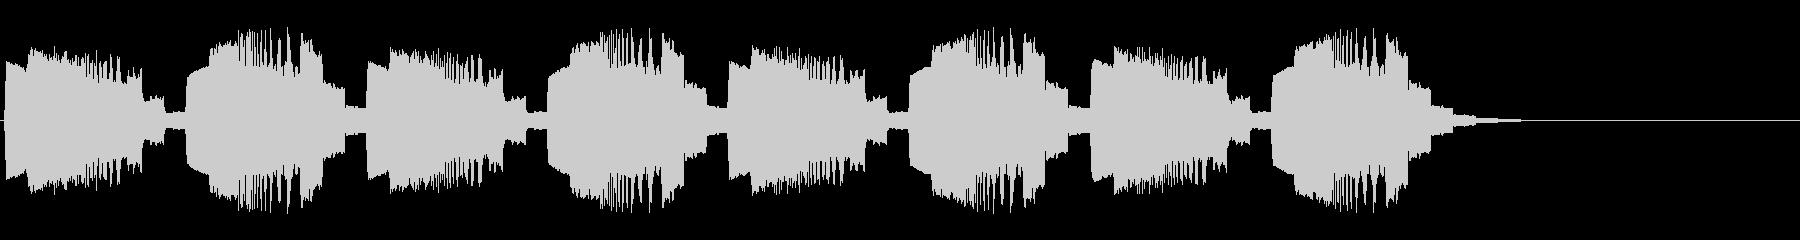 警告音01の未再生の波形